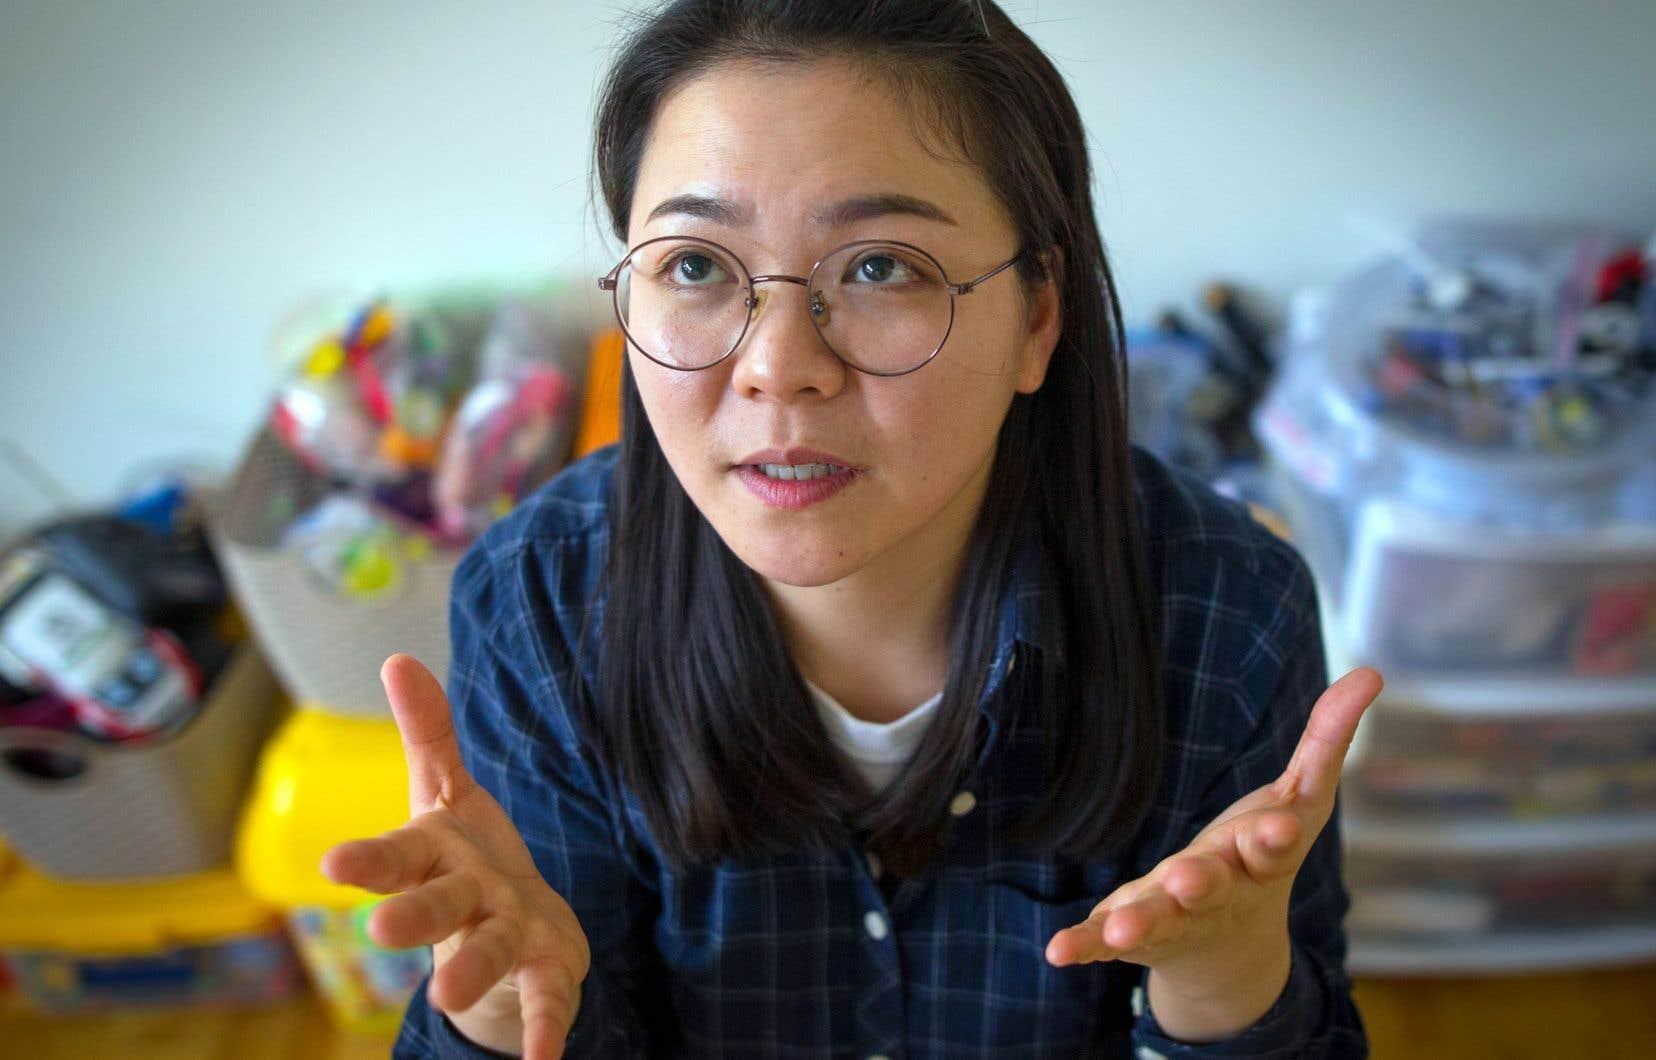 Pour les besoins de la cause, Seeun Park incarne les immigrants dont les dossiers sont destinés à la déchiqueteuse gouvernementale.